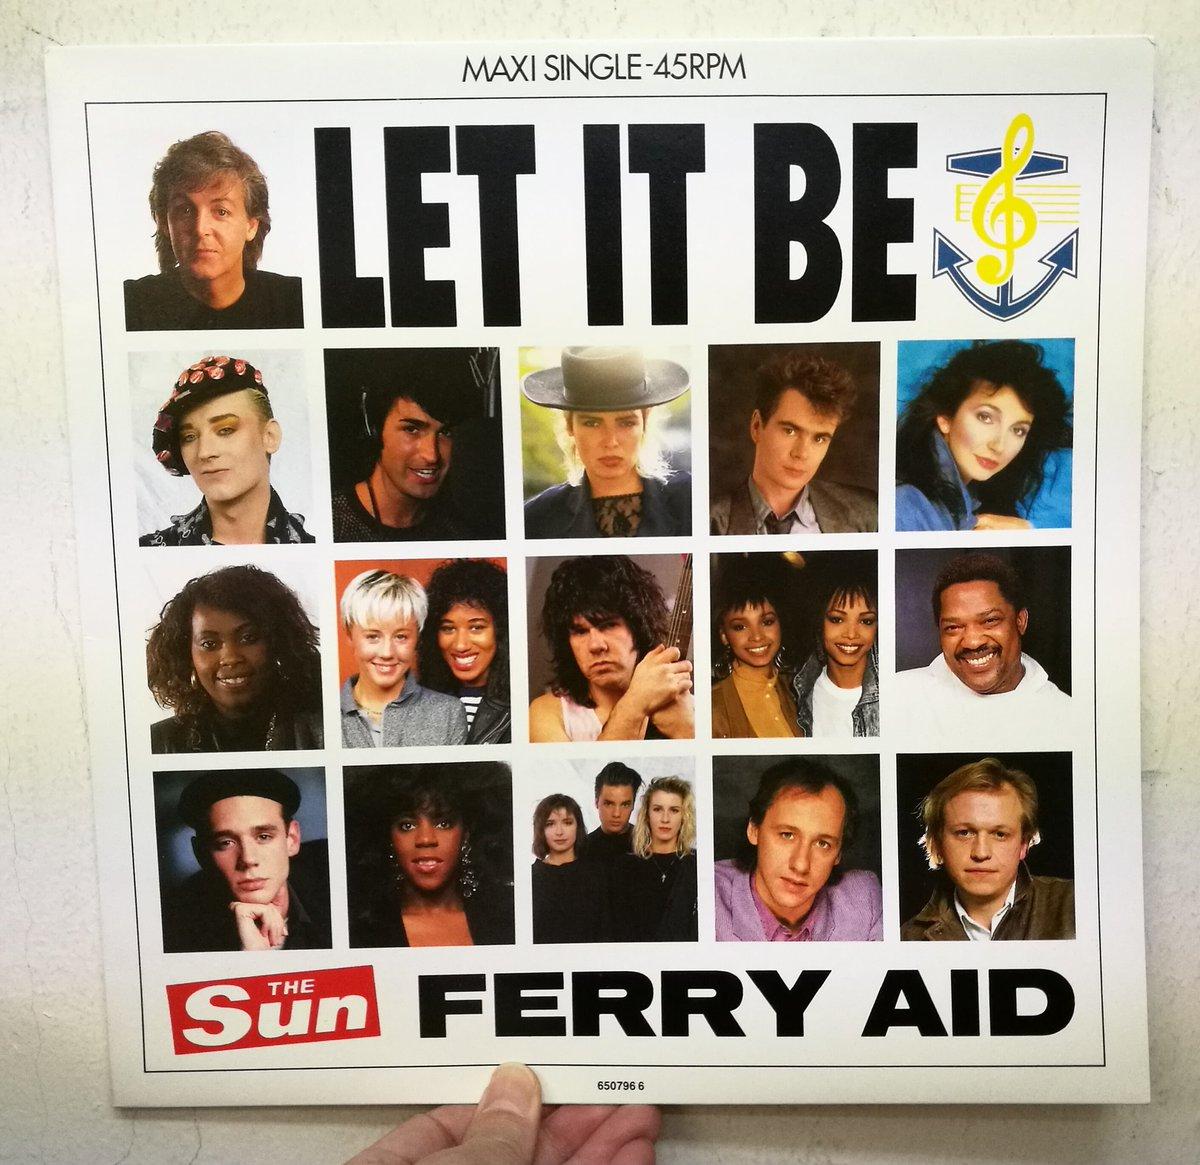 test ツイッターメディア - 【本店2Fセレブジャケ新入荷】'87年に英国のフェリーが転覆し200人近い犠牲者が出たことを受け、売れっ子が大挙参加して制作されたフェリー・エイドのチャリティ盤『Let It Be』。「エイドもの」馴れした頃のリリースで今となっては印象薄いですが、英国でのチャートアクションは本家ビートルズより上 https://t.co/e84Kei9WcD